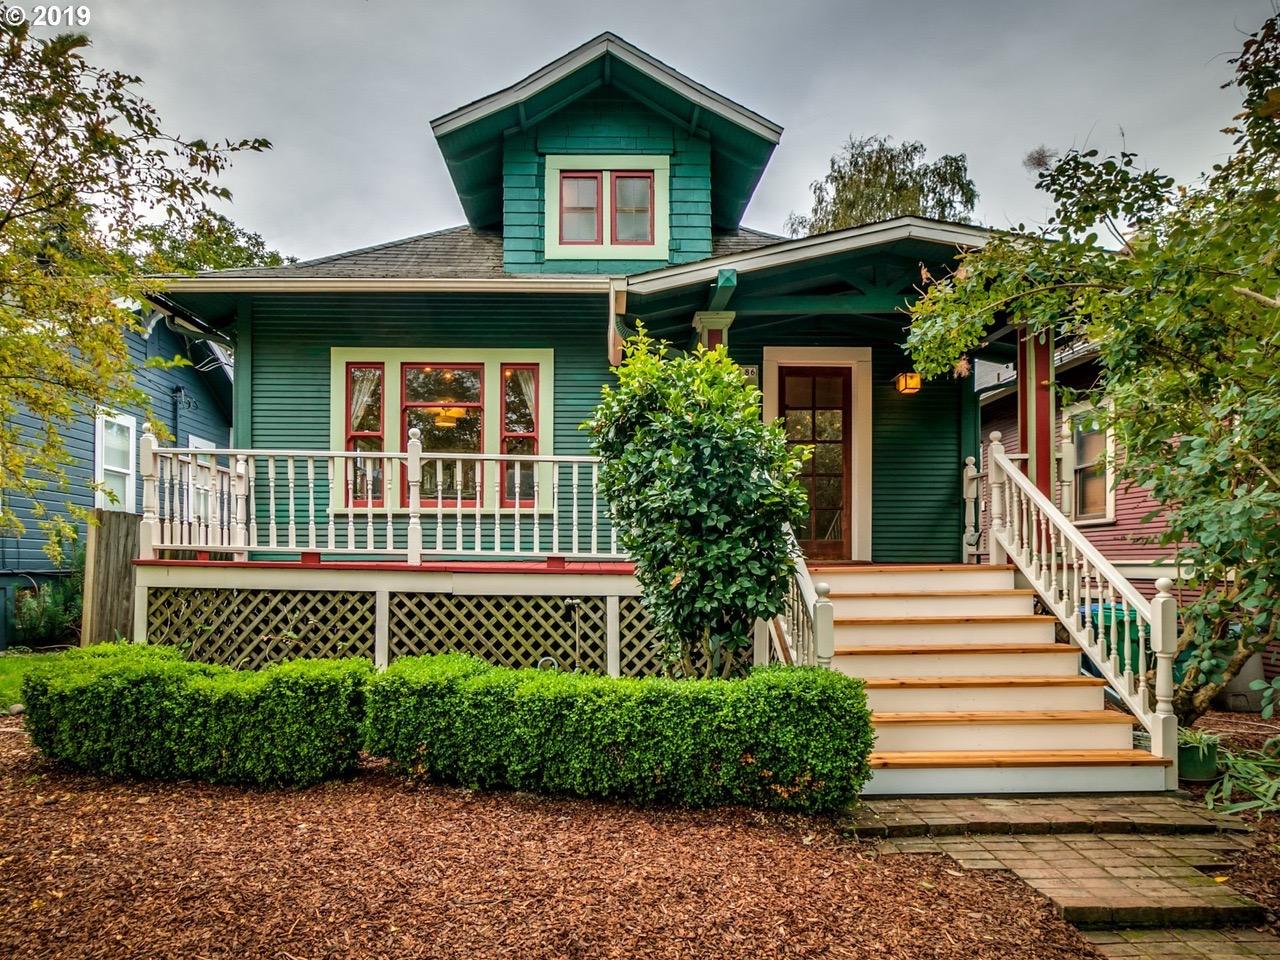 Contoh desain rumah berbagai ukuran warna hijau cantik ...